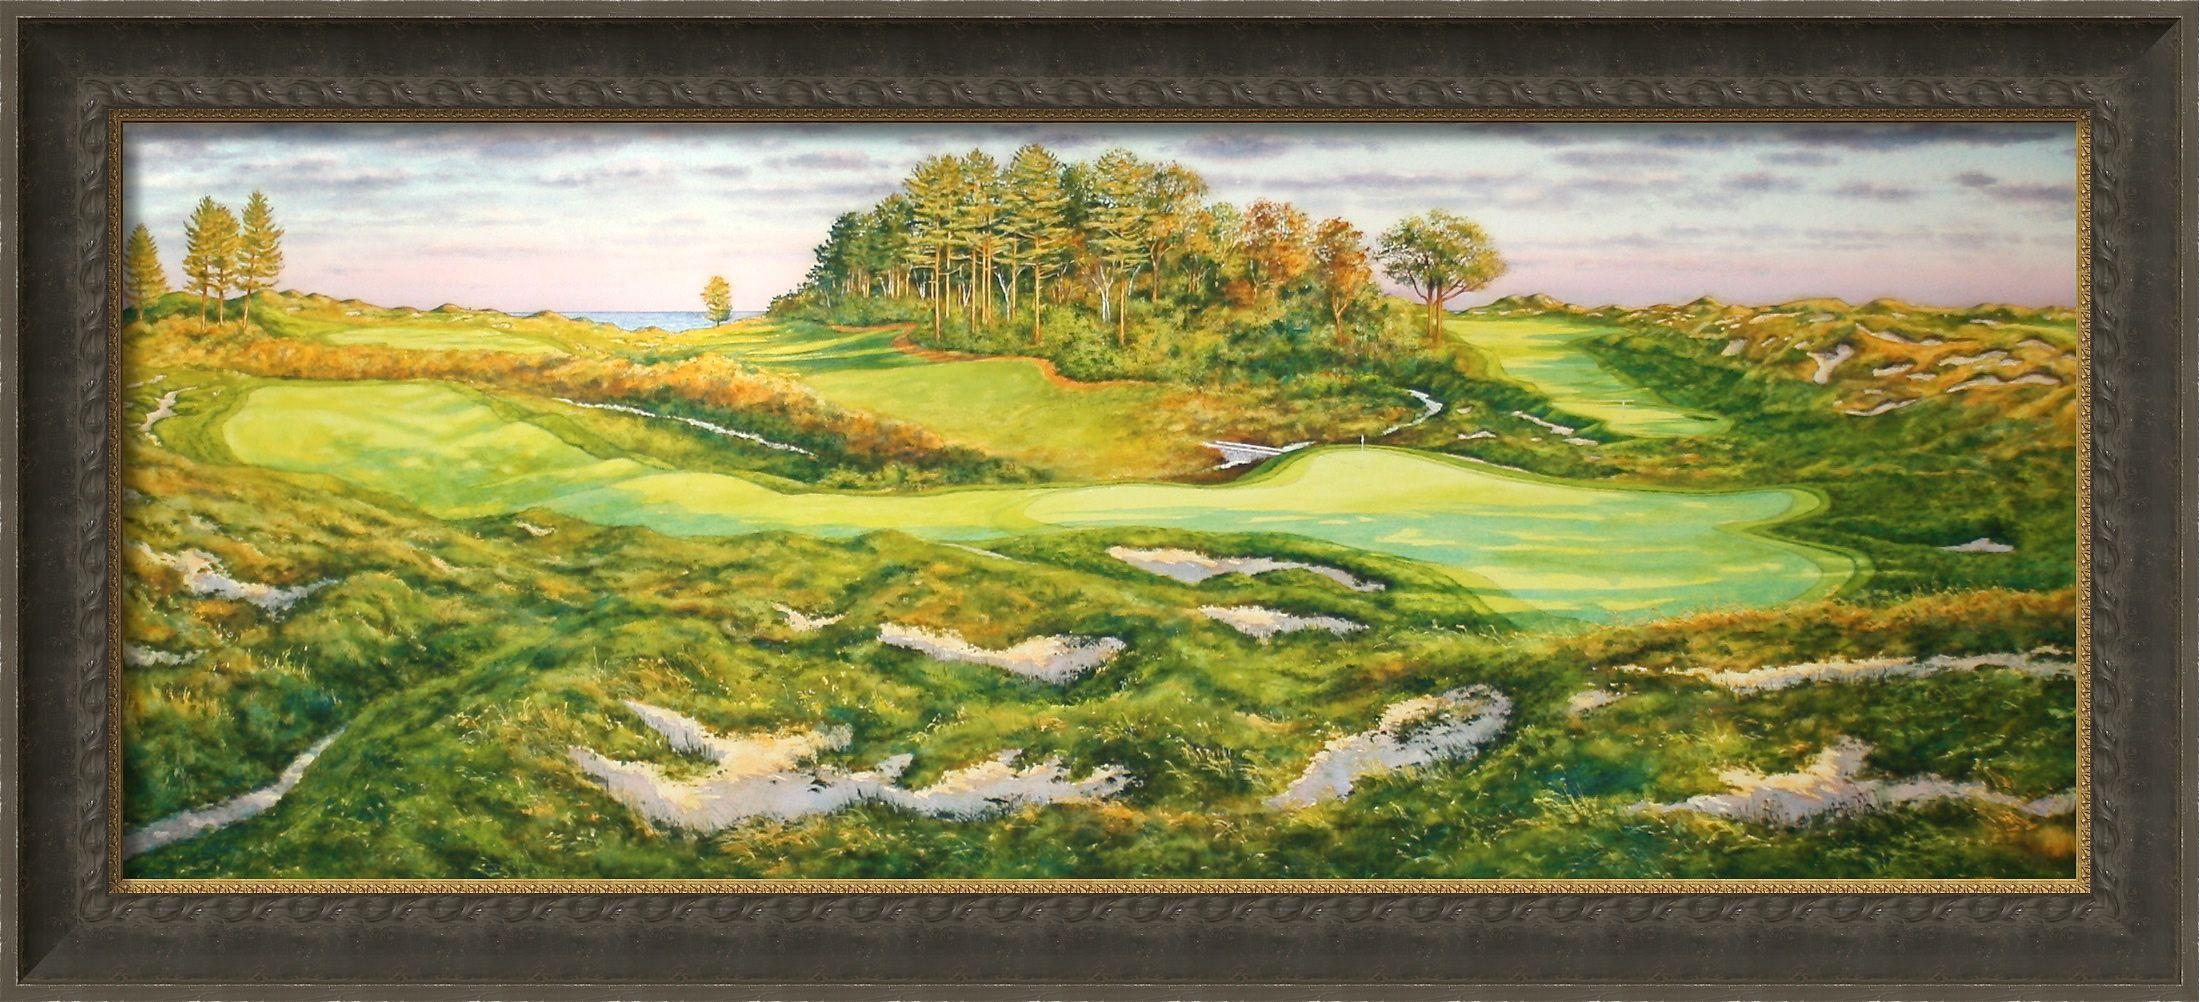 2007 us senior open golf art by steve lotus